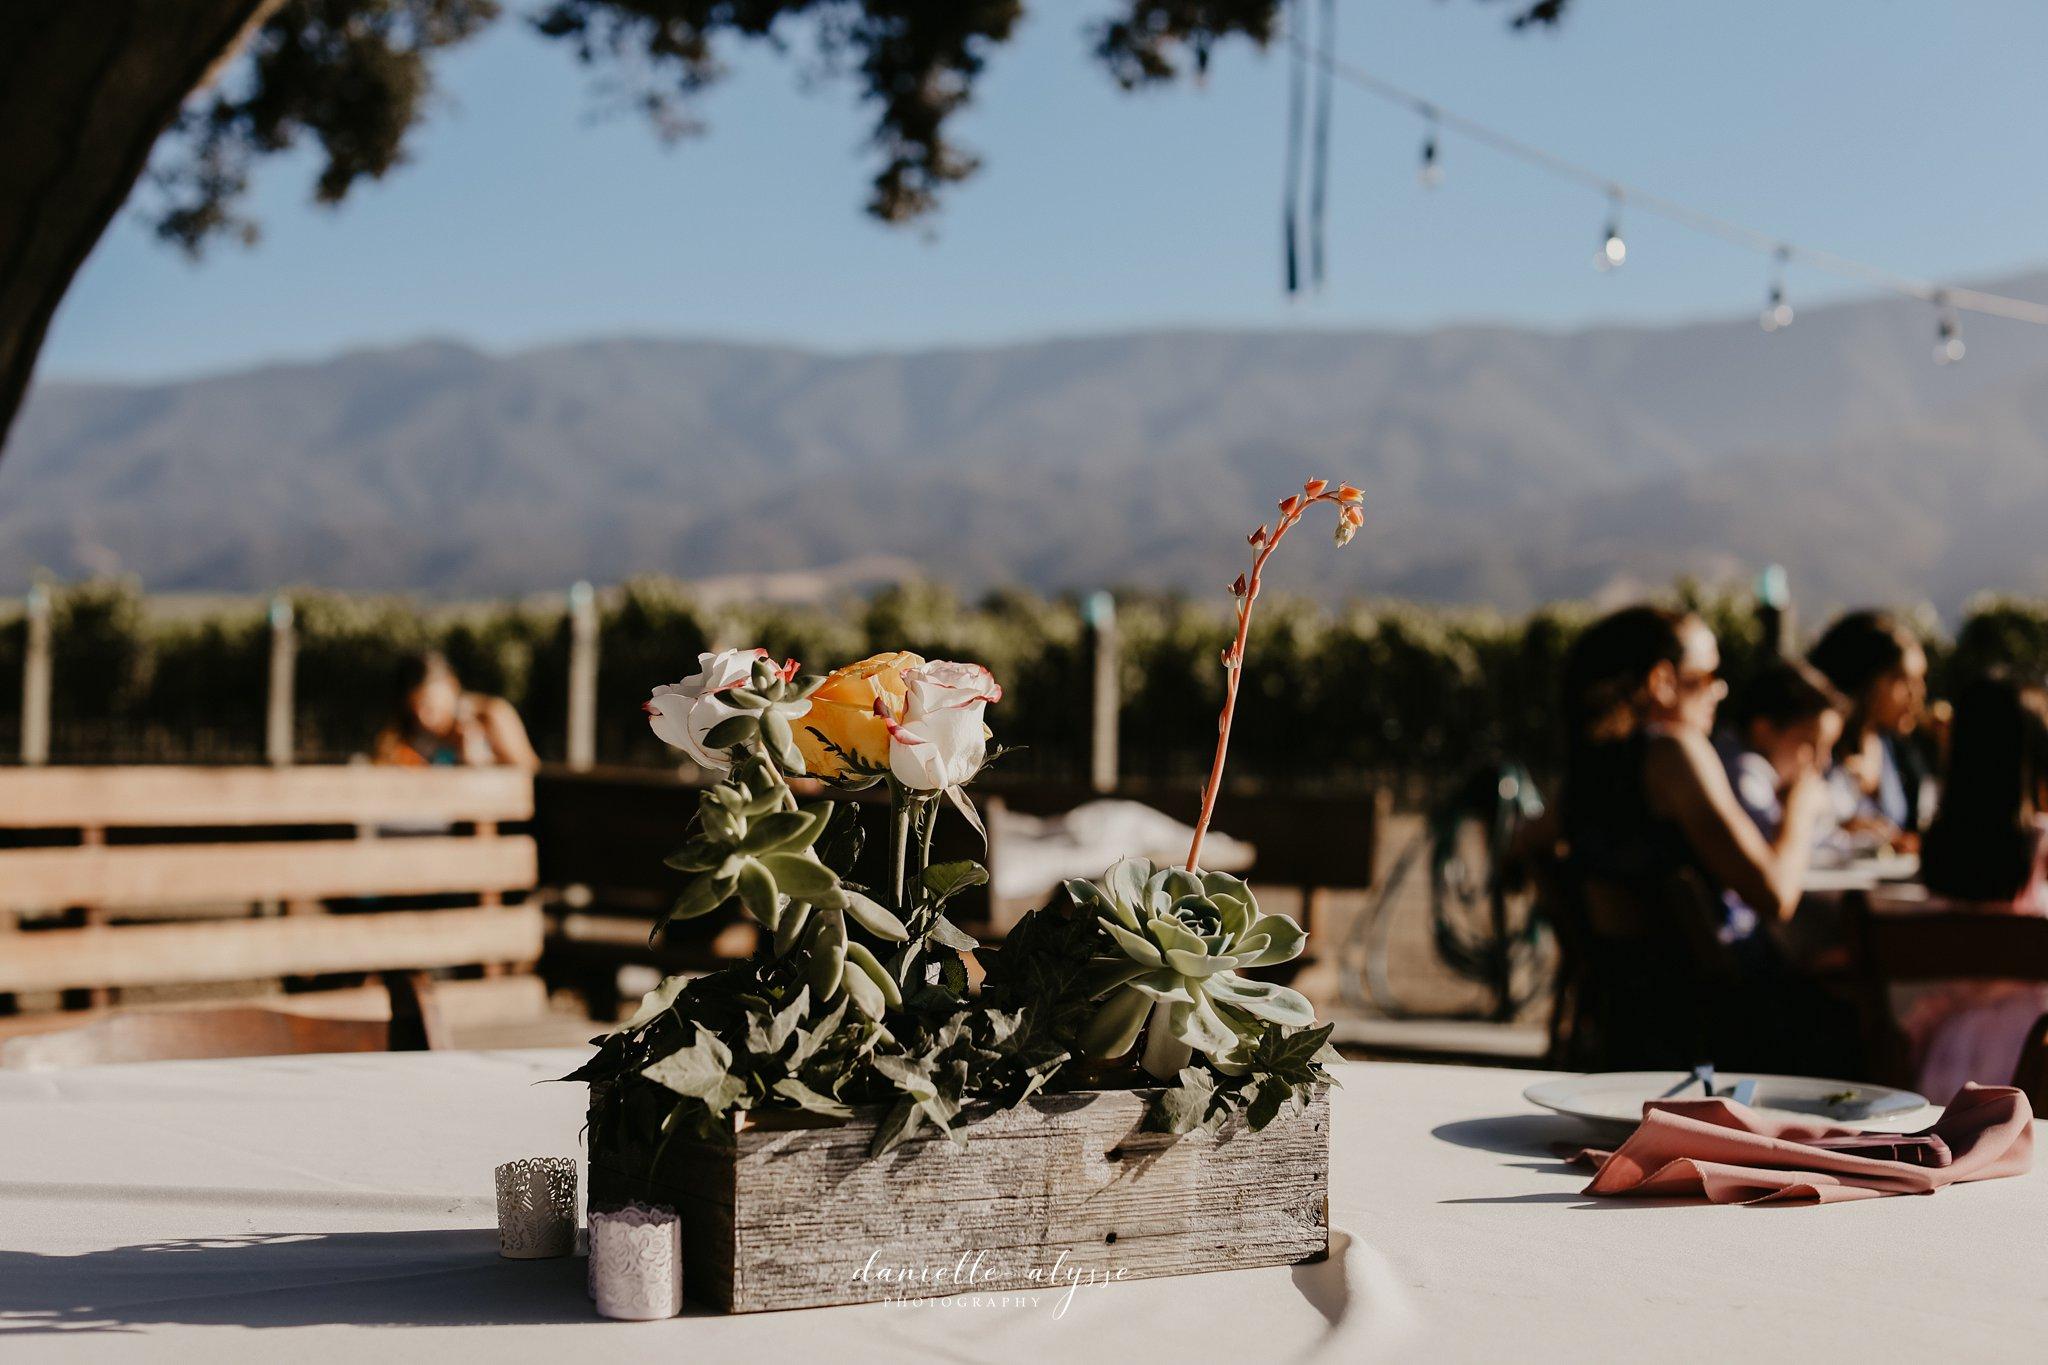 180630_wedding_lily_ryan_mission_soledad_california_danielle_alysse_photography_blog_842_WEB.jpg